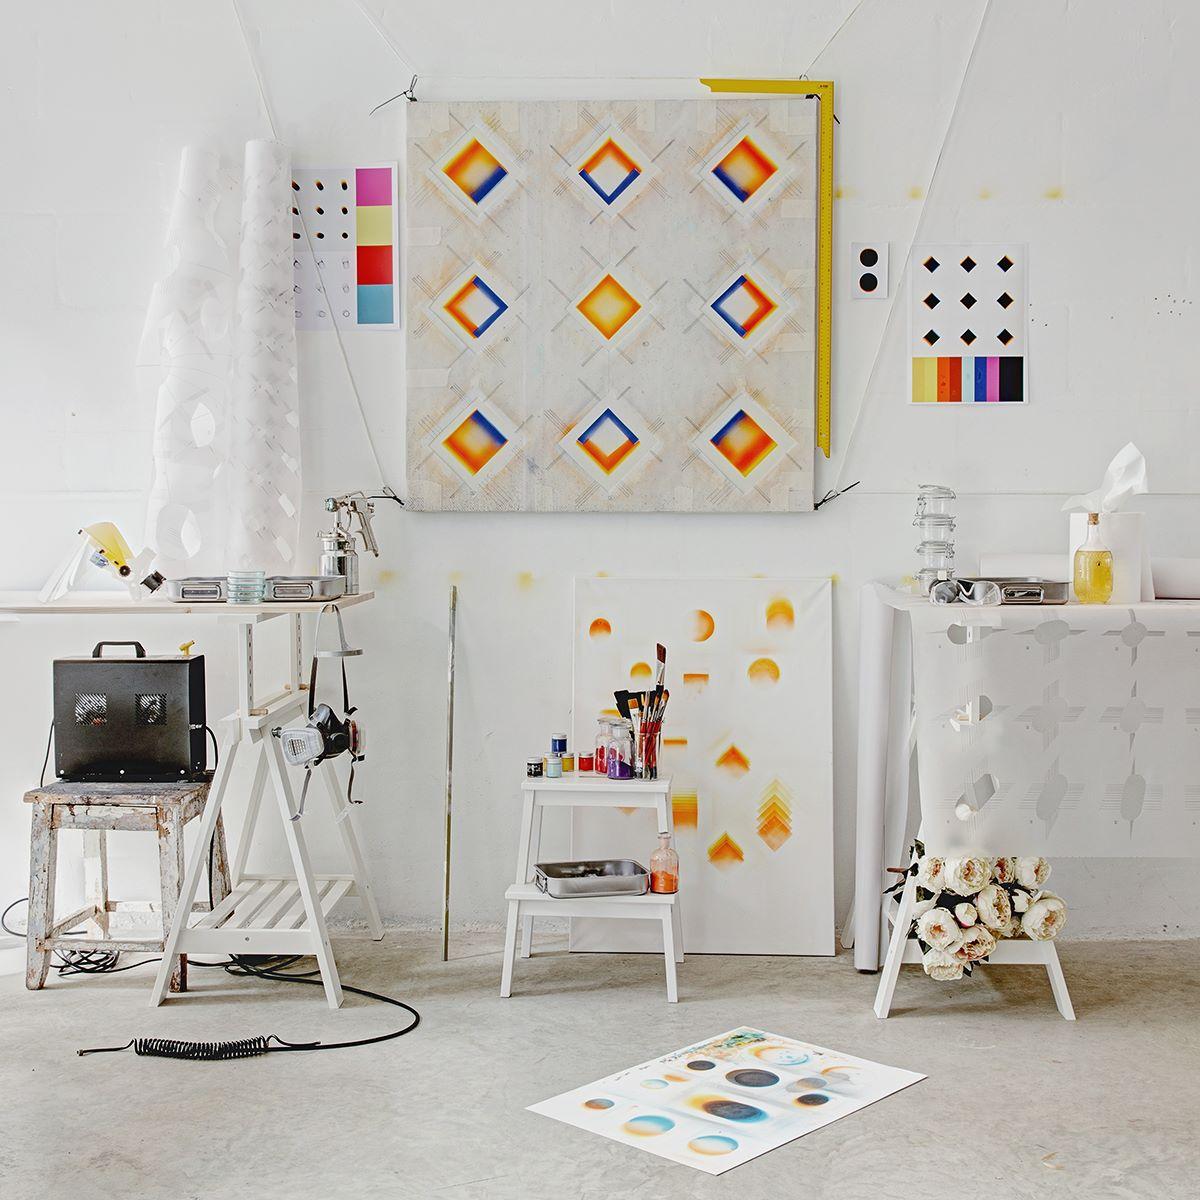 Tadao' workplace